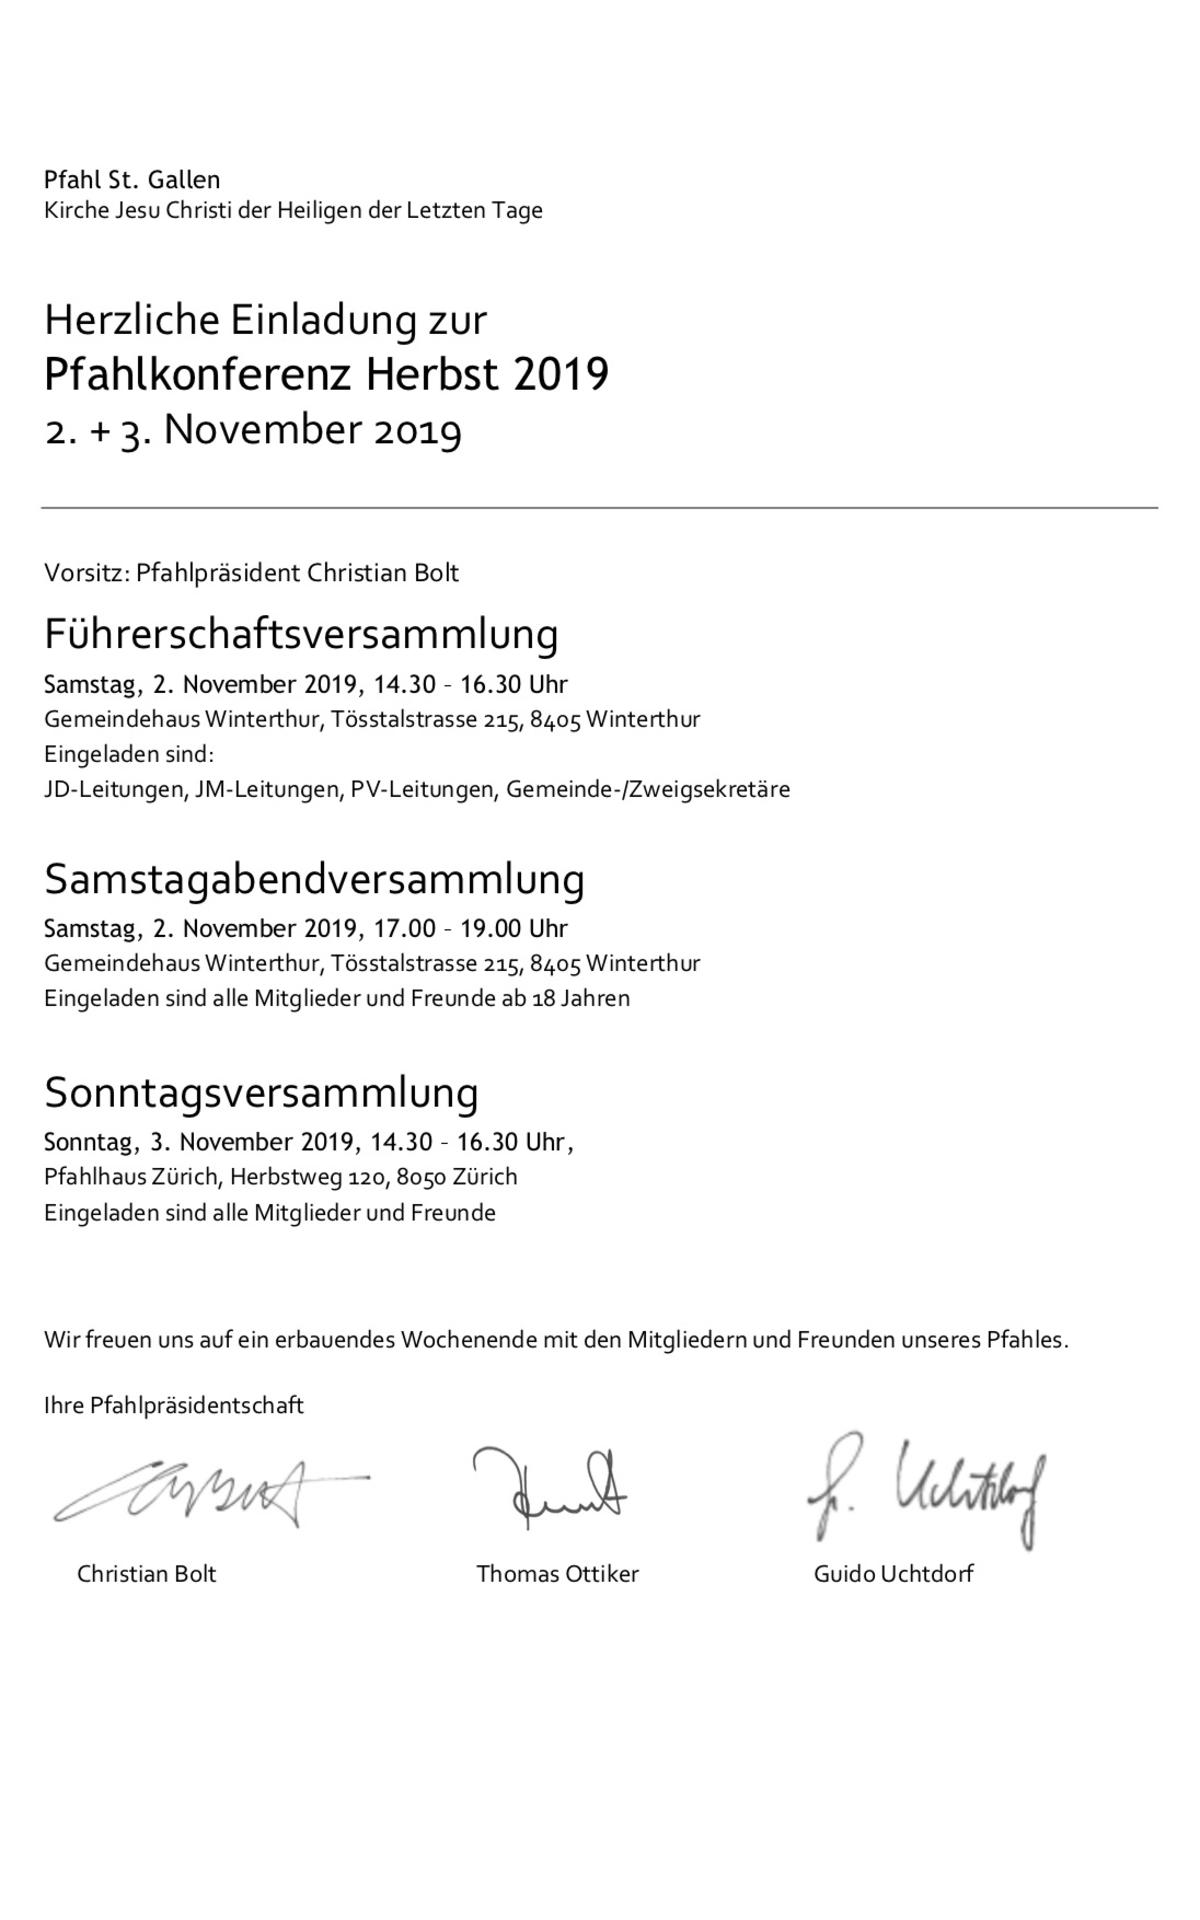 Pfahlkonferenz Herbst 2019 Pfahl St. Gallen